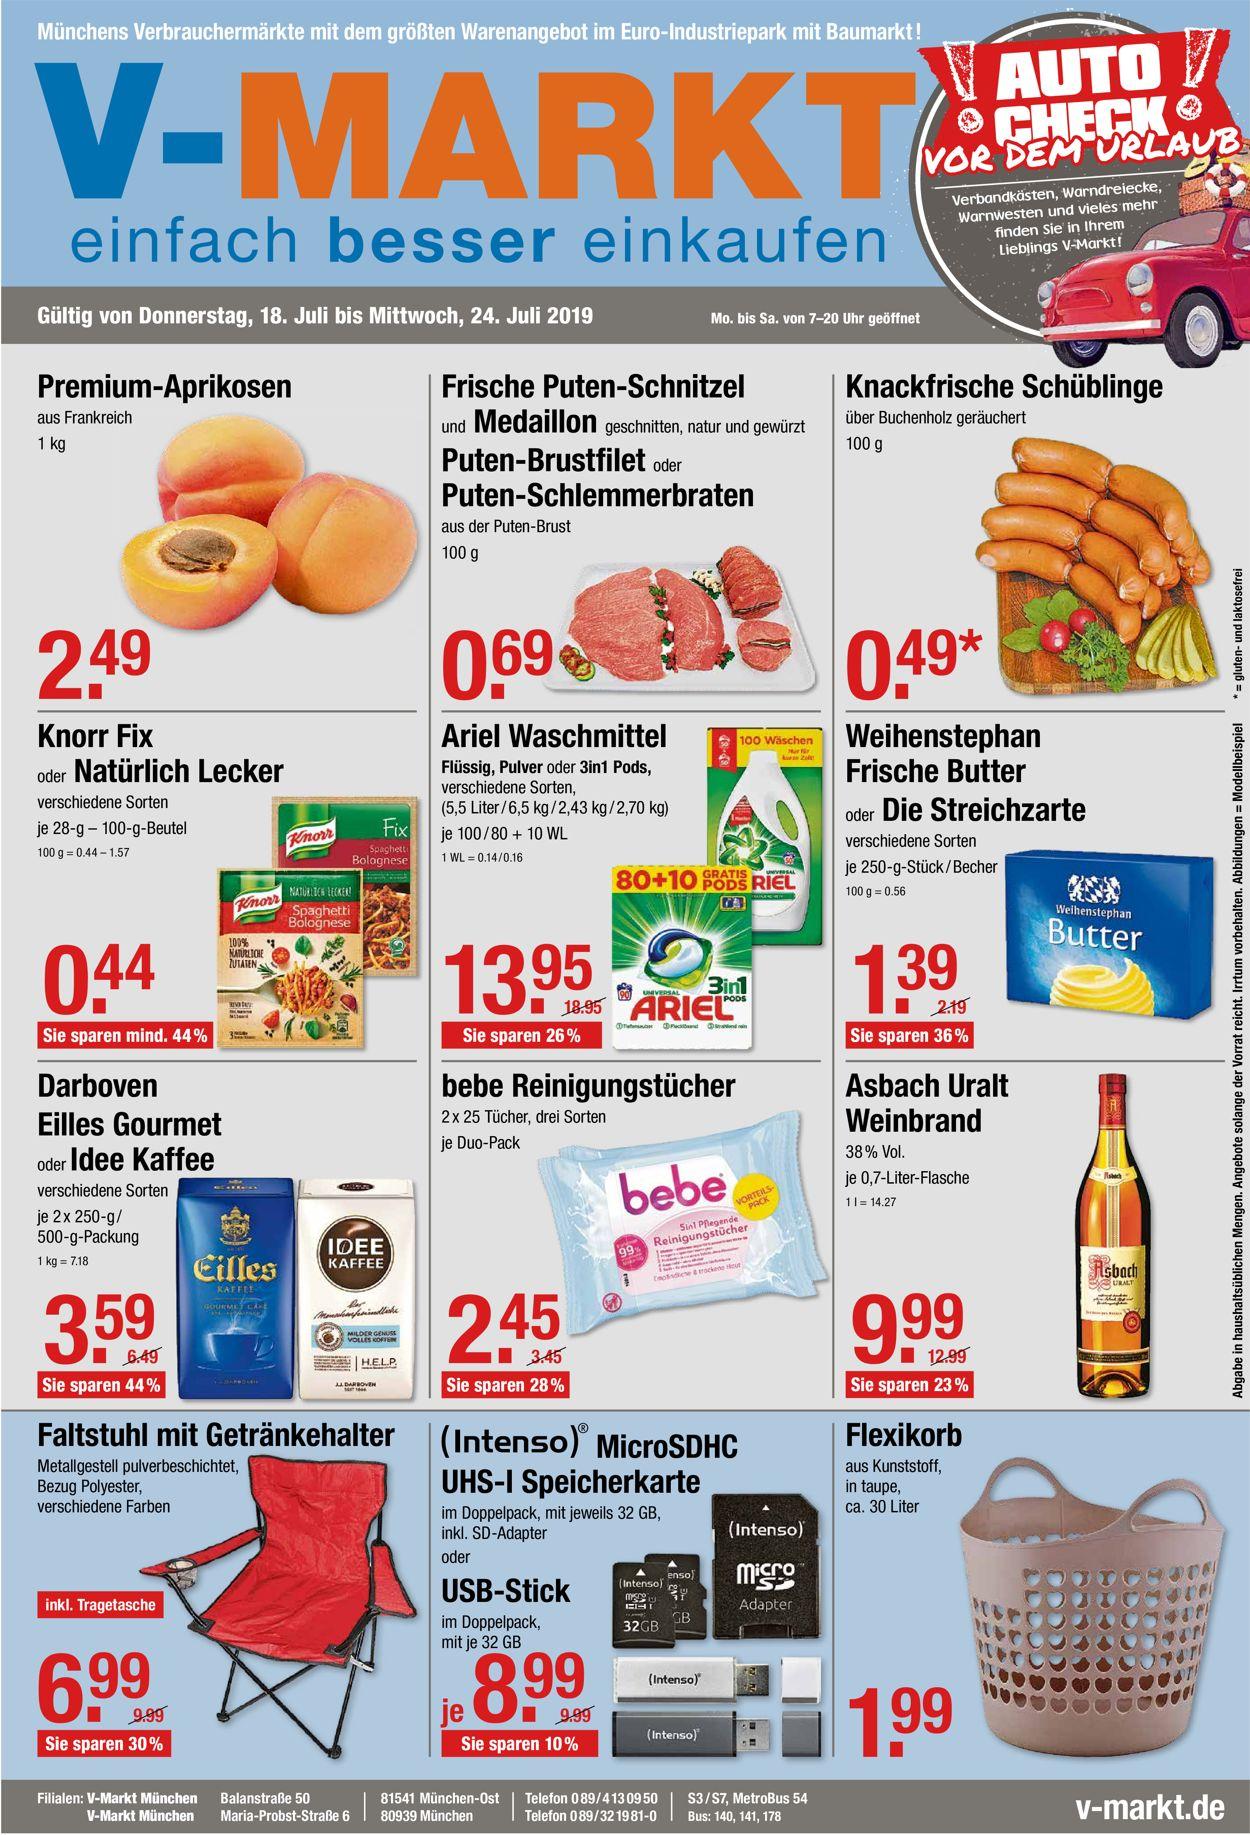 V-Markt Prospekt - Aktuell vom 18.07-24.07.2019